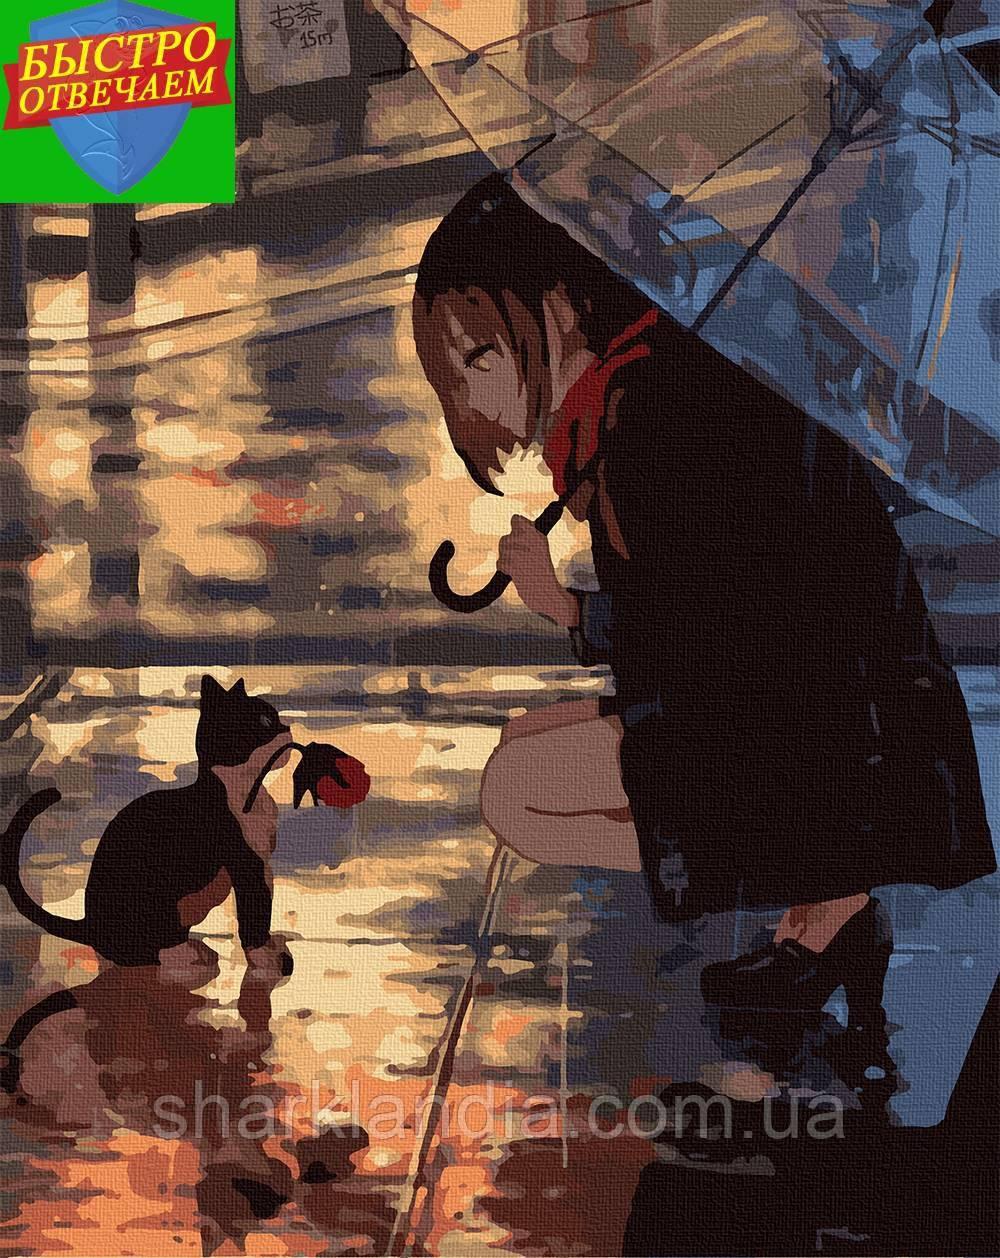 Картина за номерами Вечір для двох 40*50 см  Art Craft Розмальовки Аніме Наруто Манга Кот Прикольні